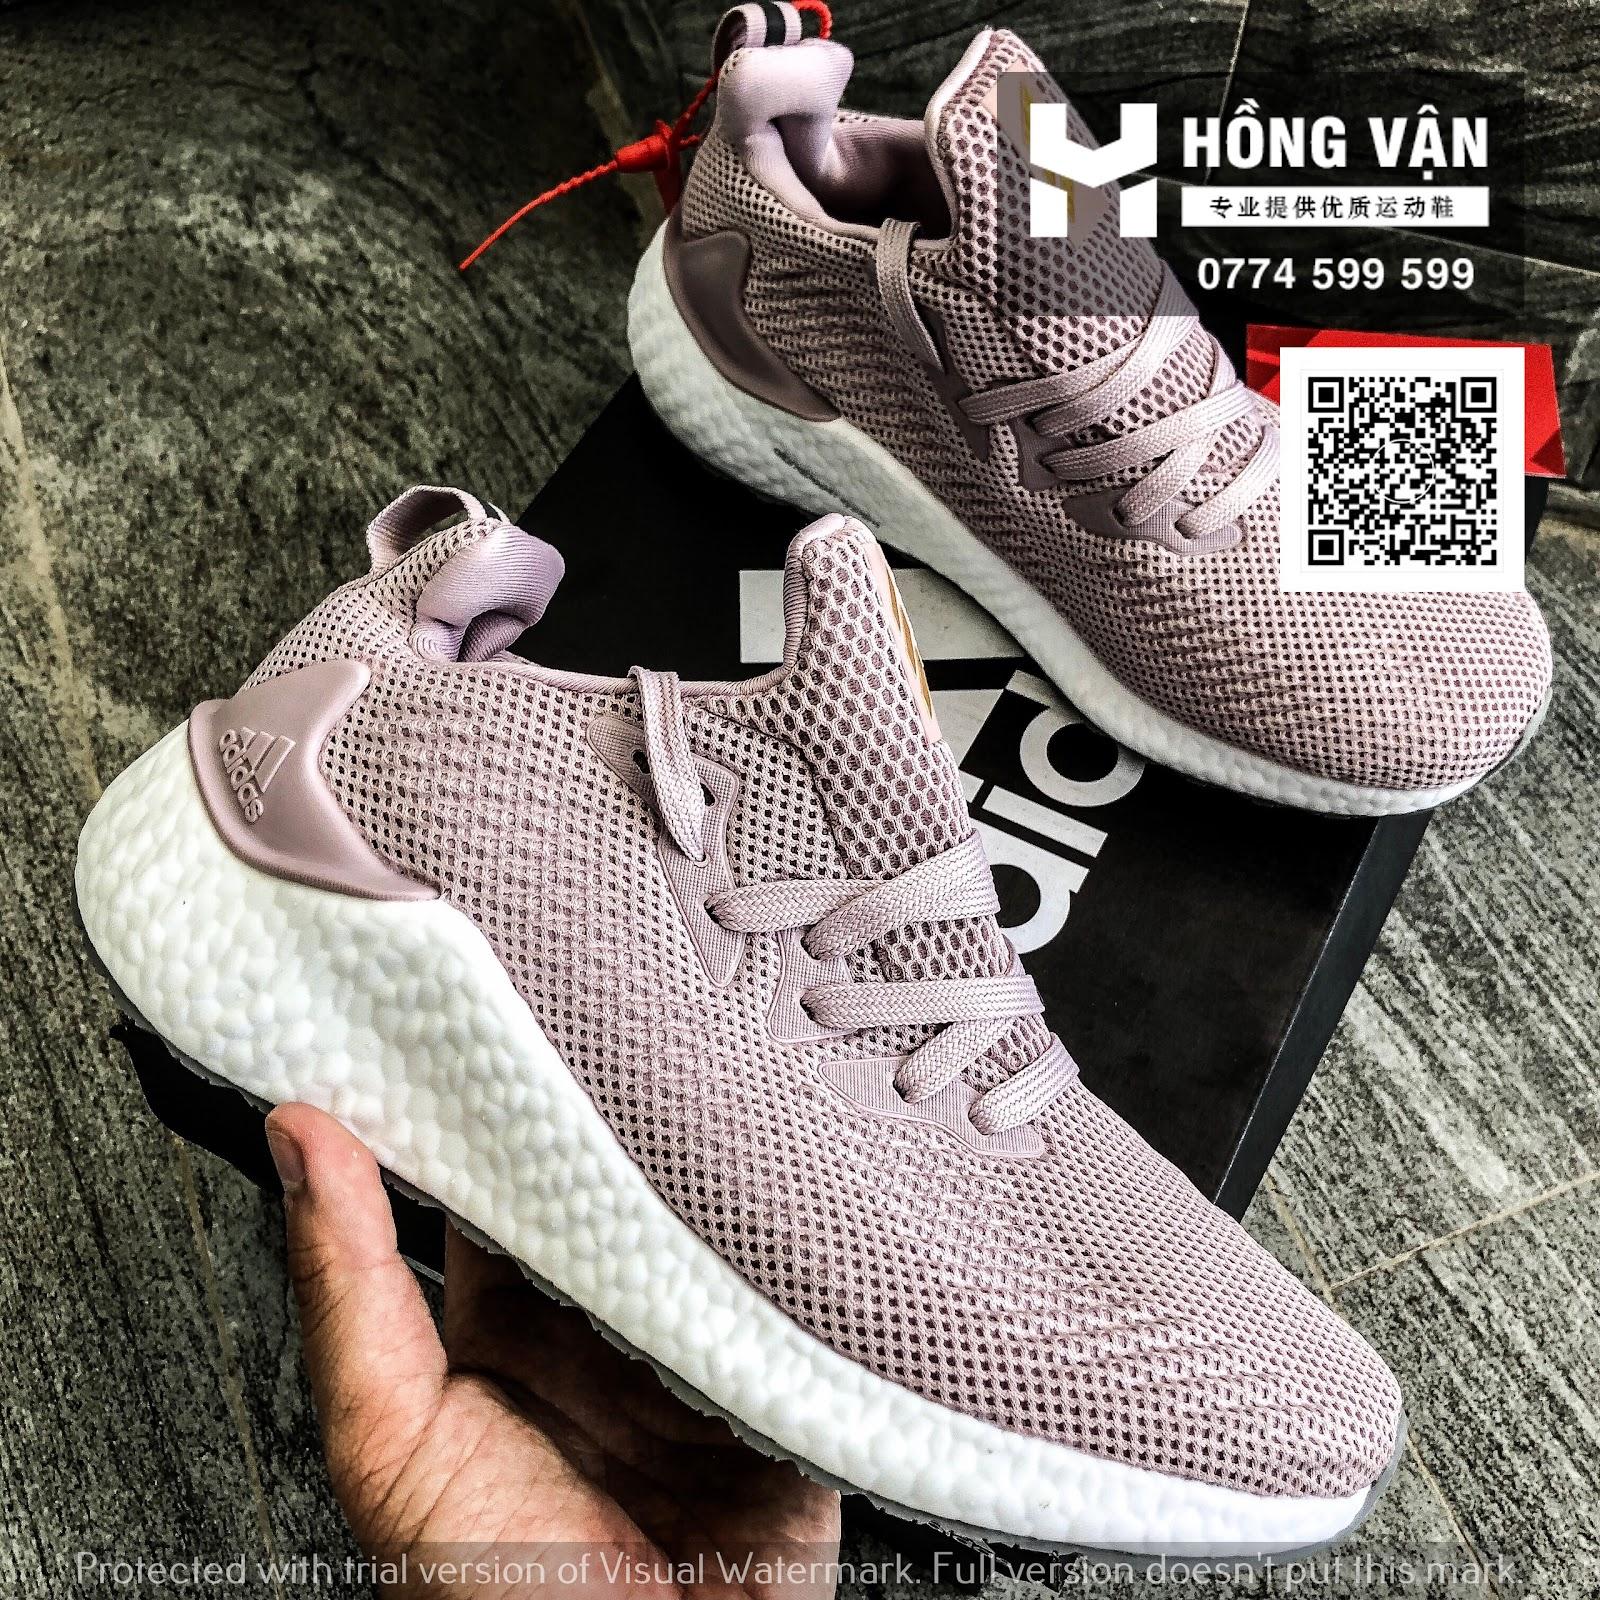 Hồng Vận - Nhà buôn sỉ giày thể thao và kèm theo những phụ kiện thể th